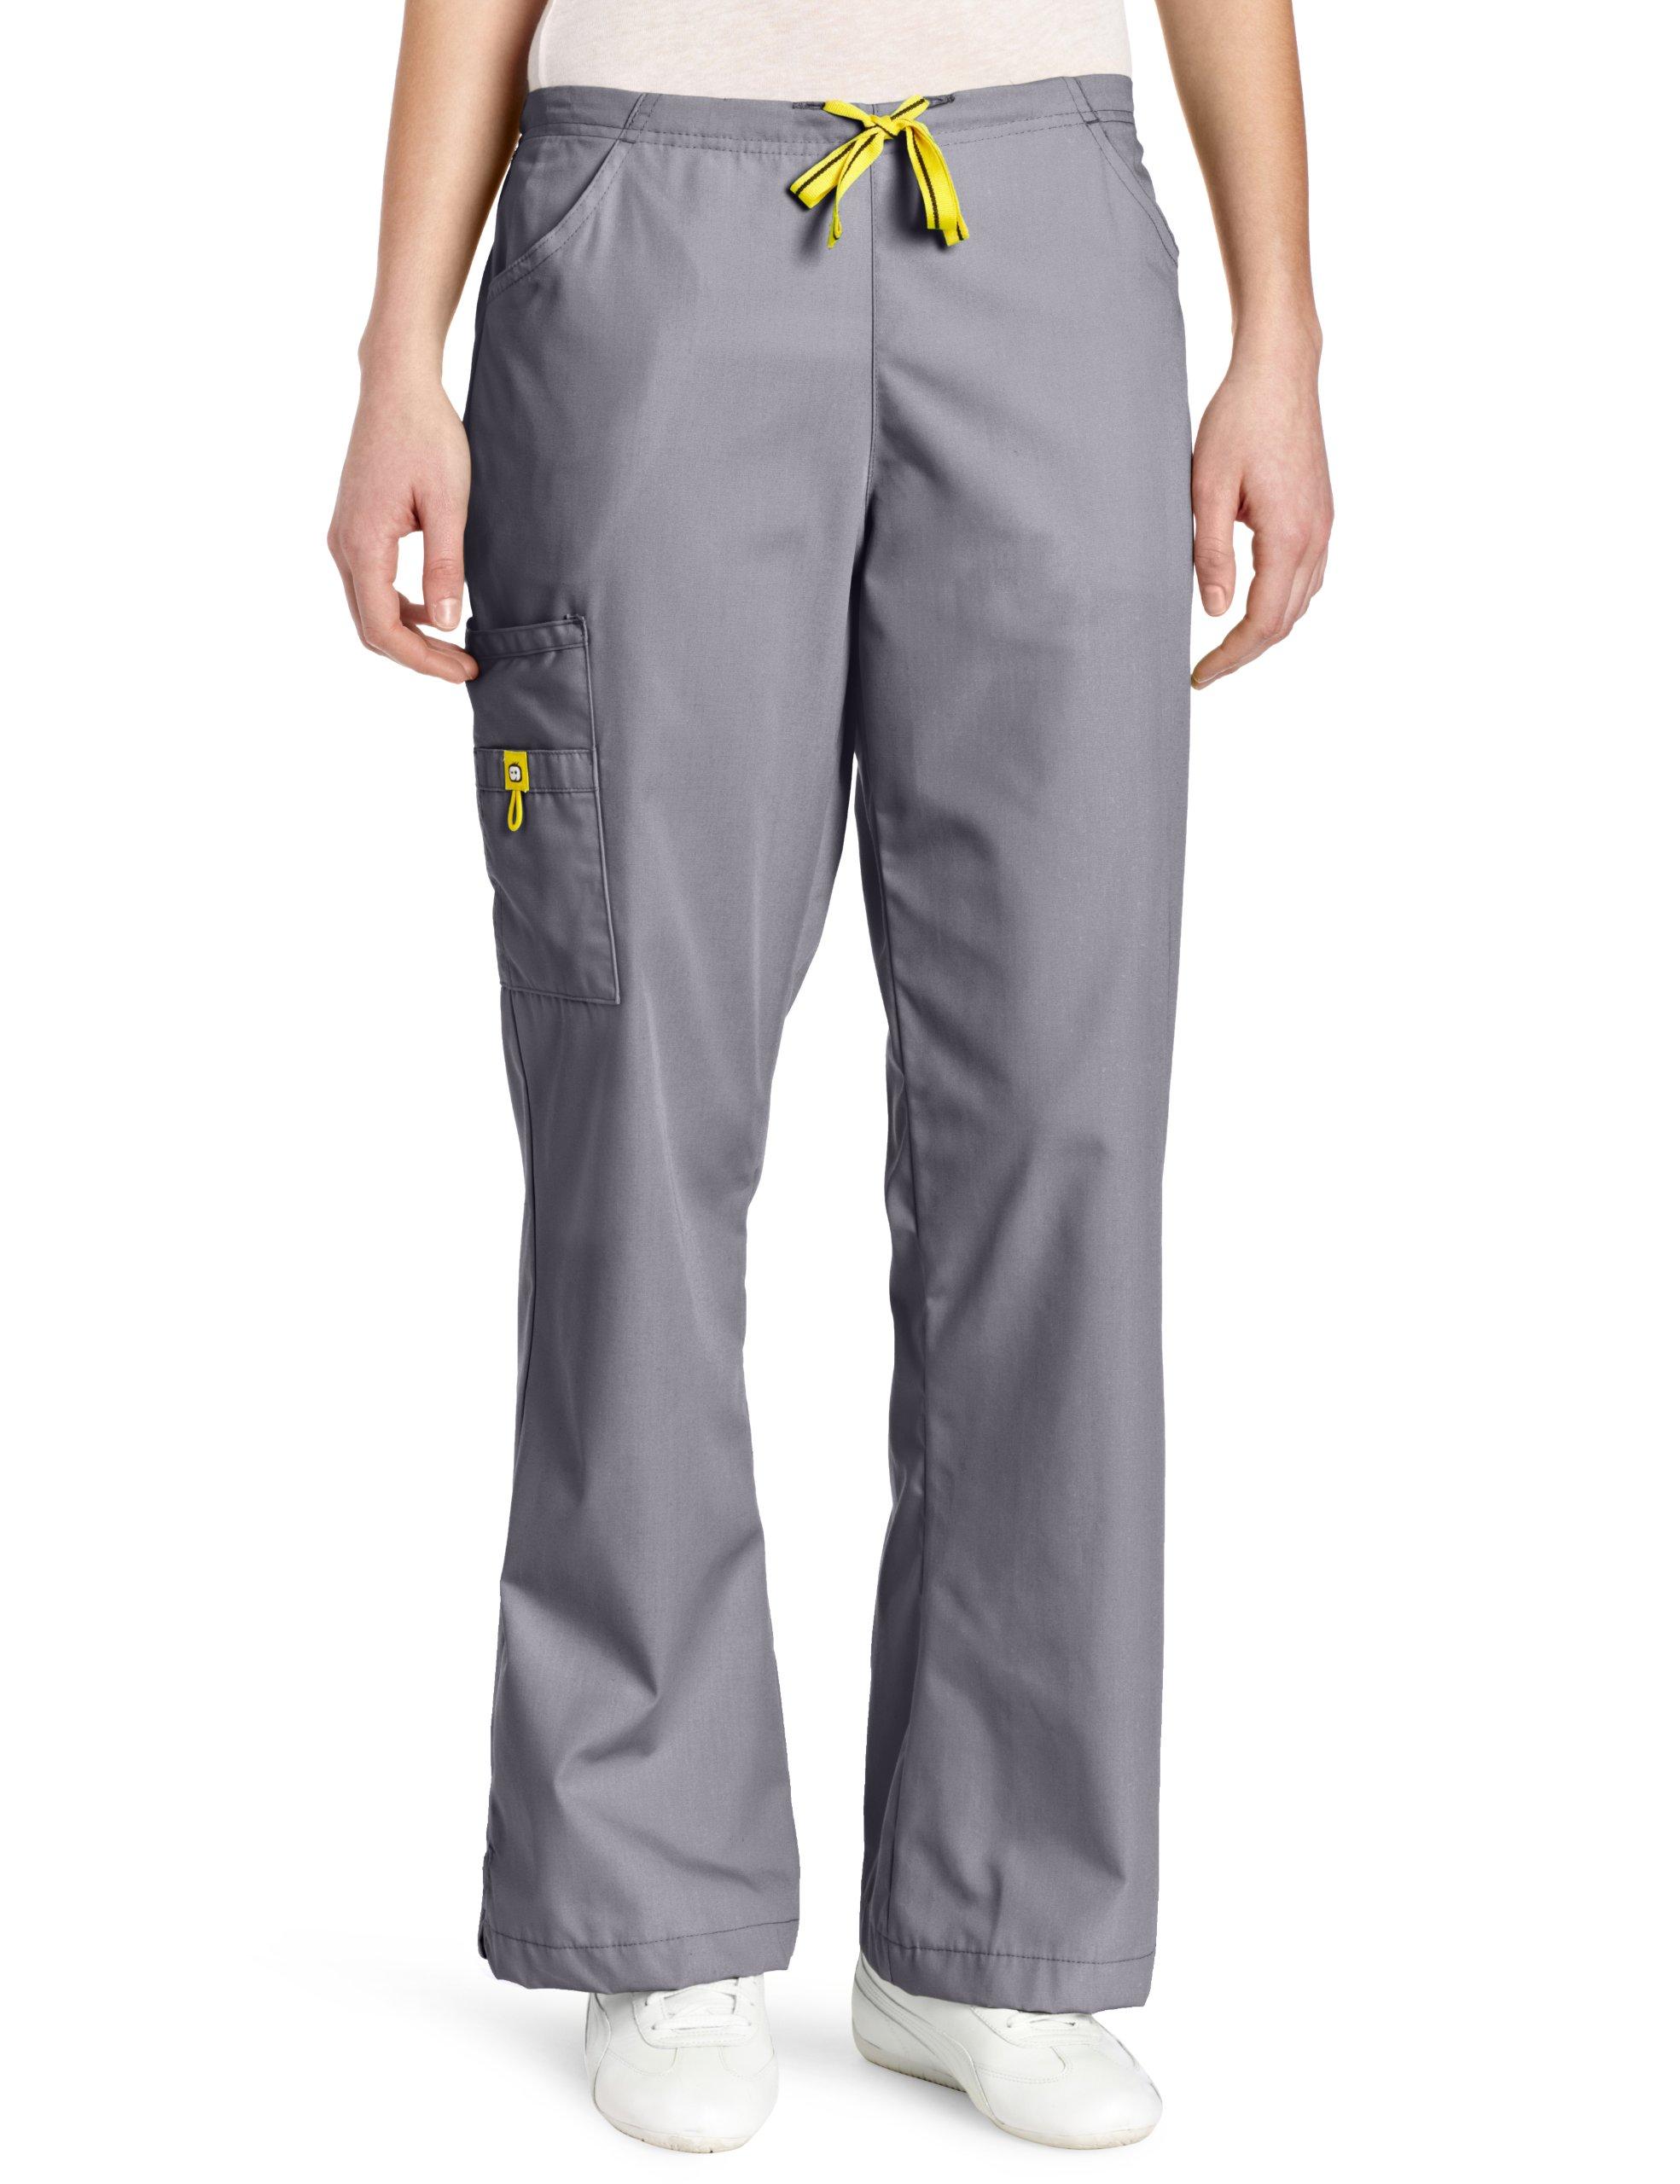 WonderWink Women's Scrubs Romeo 6 Pocket Flare Leg Pant, Pewter, X-Large